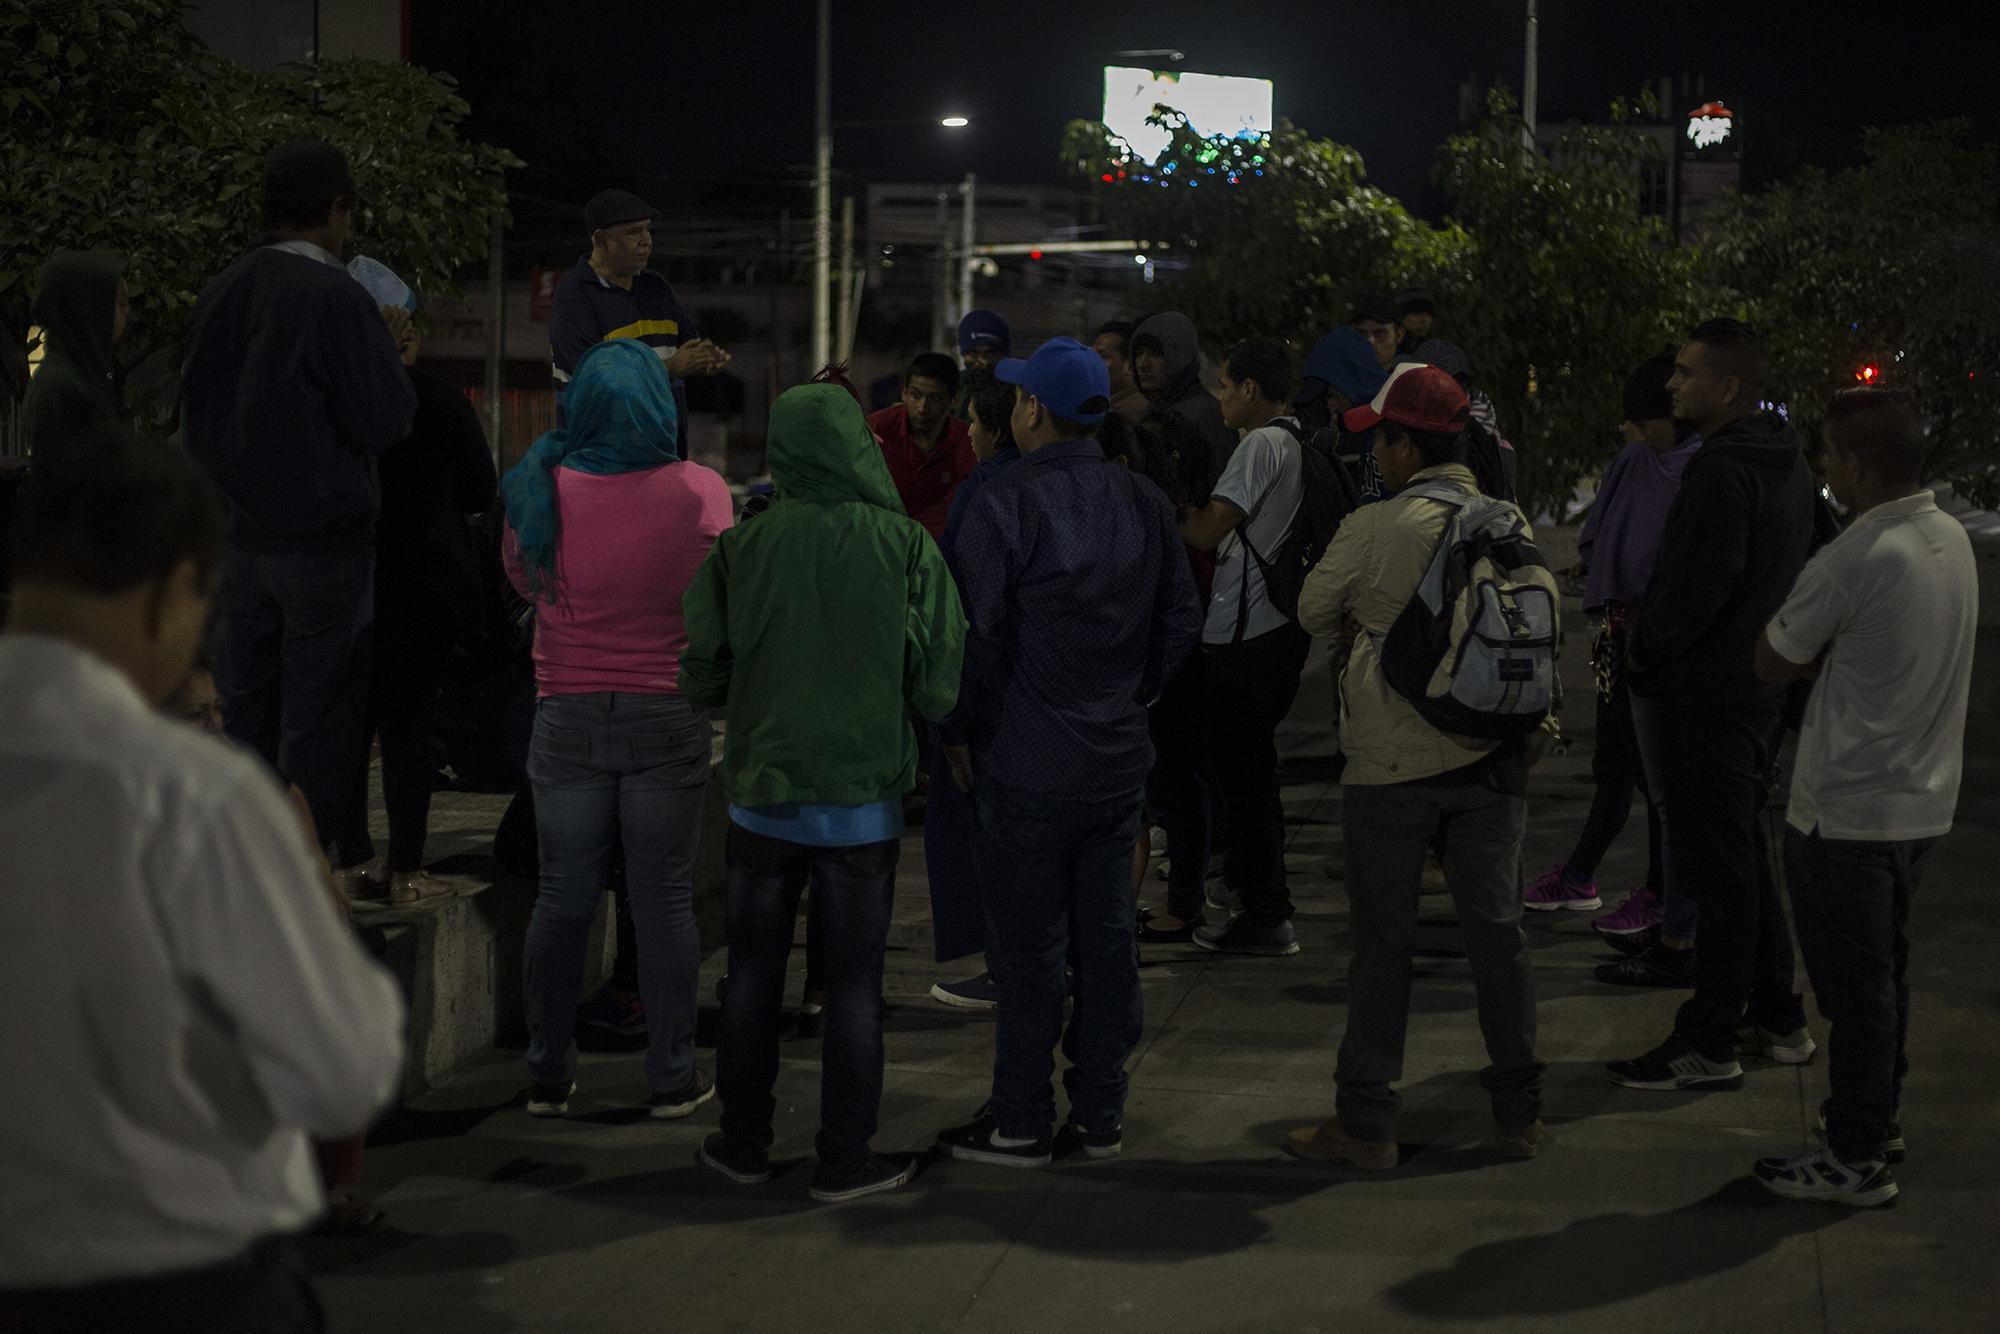 Migrantes salvadoreños que huyen de la pobreza y la violencia se concentraron en la plaza Divino Salvador del Mundo, en San Salvador, desde la noche del martes 15 de enero. Al menos 200 personas salieron de ese punto la mañana del 16, en una nueva caravana que va hacia el norte. Foto: Víctor Peña.